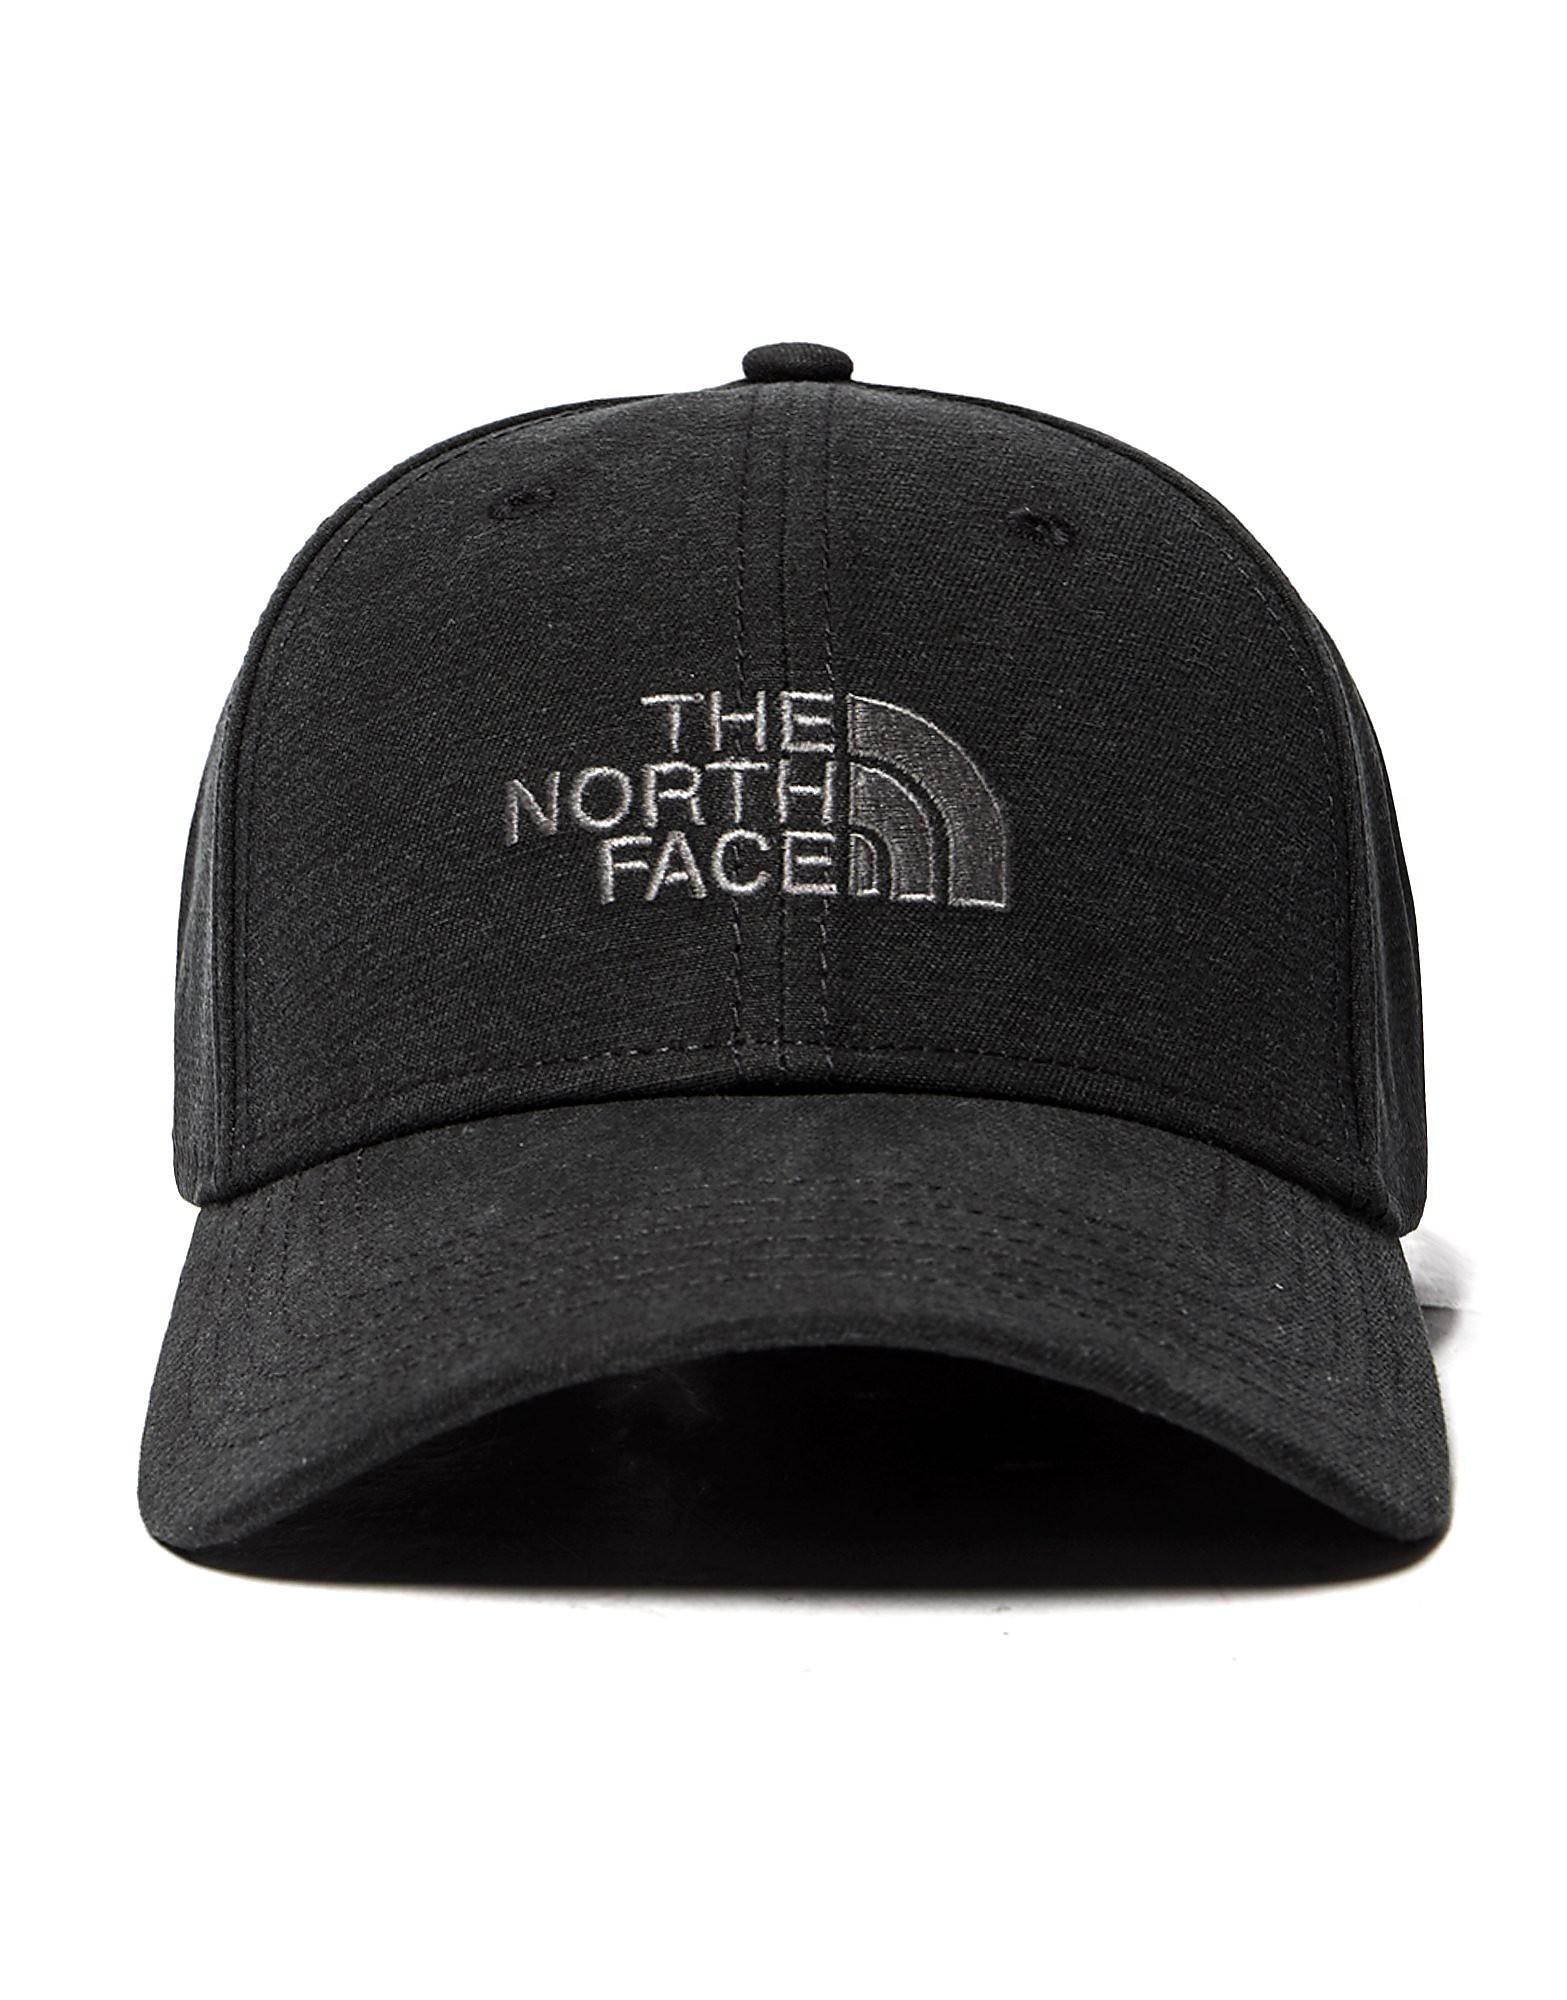 The North Face 1966 Classic Men's Cap